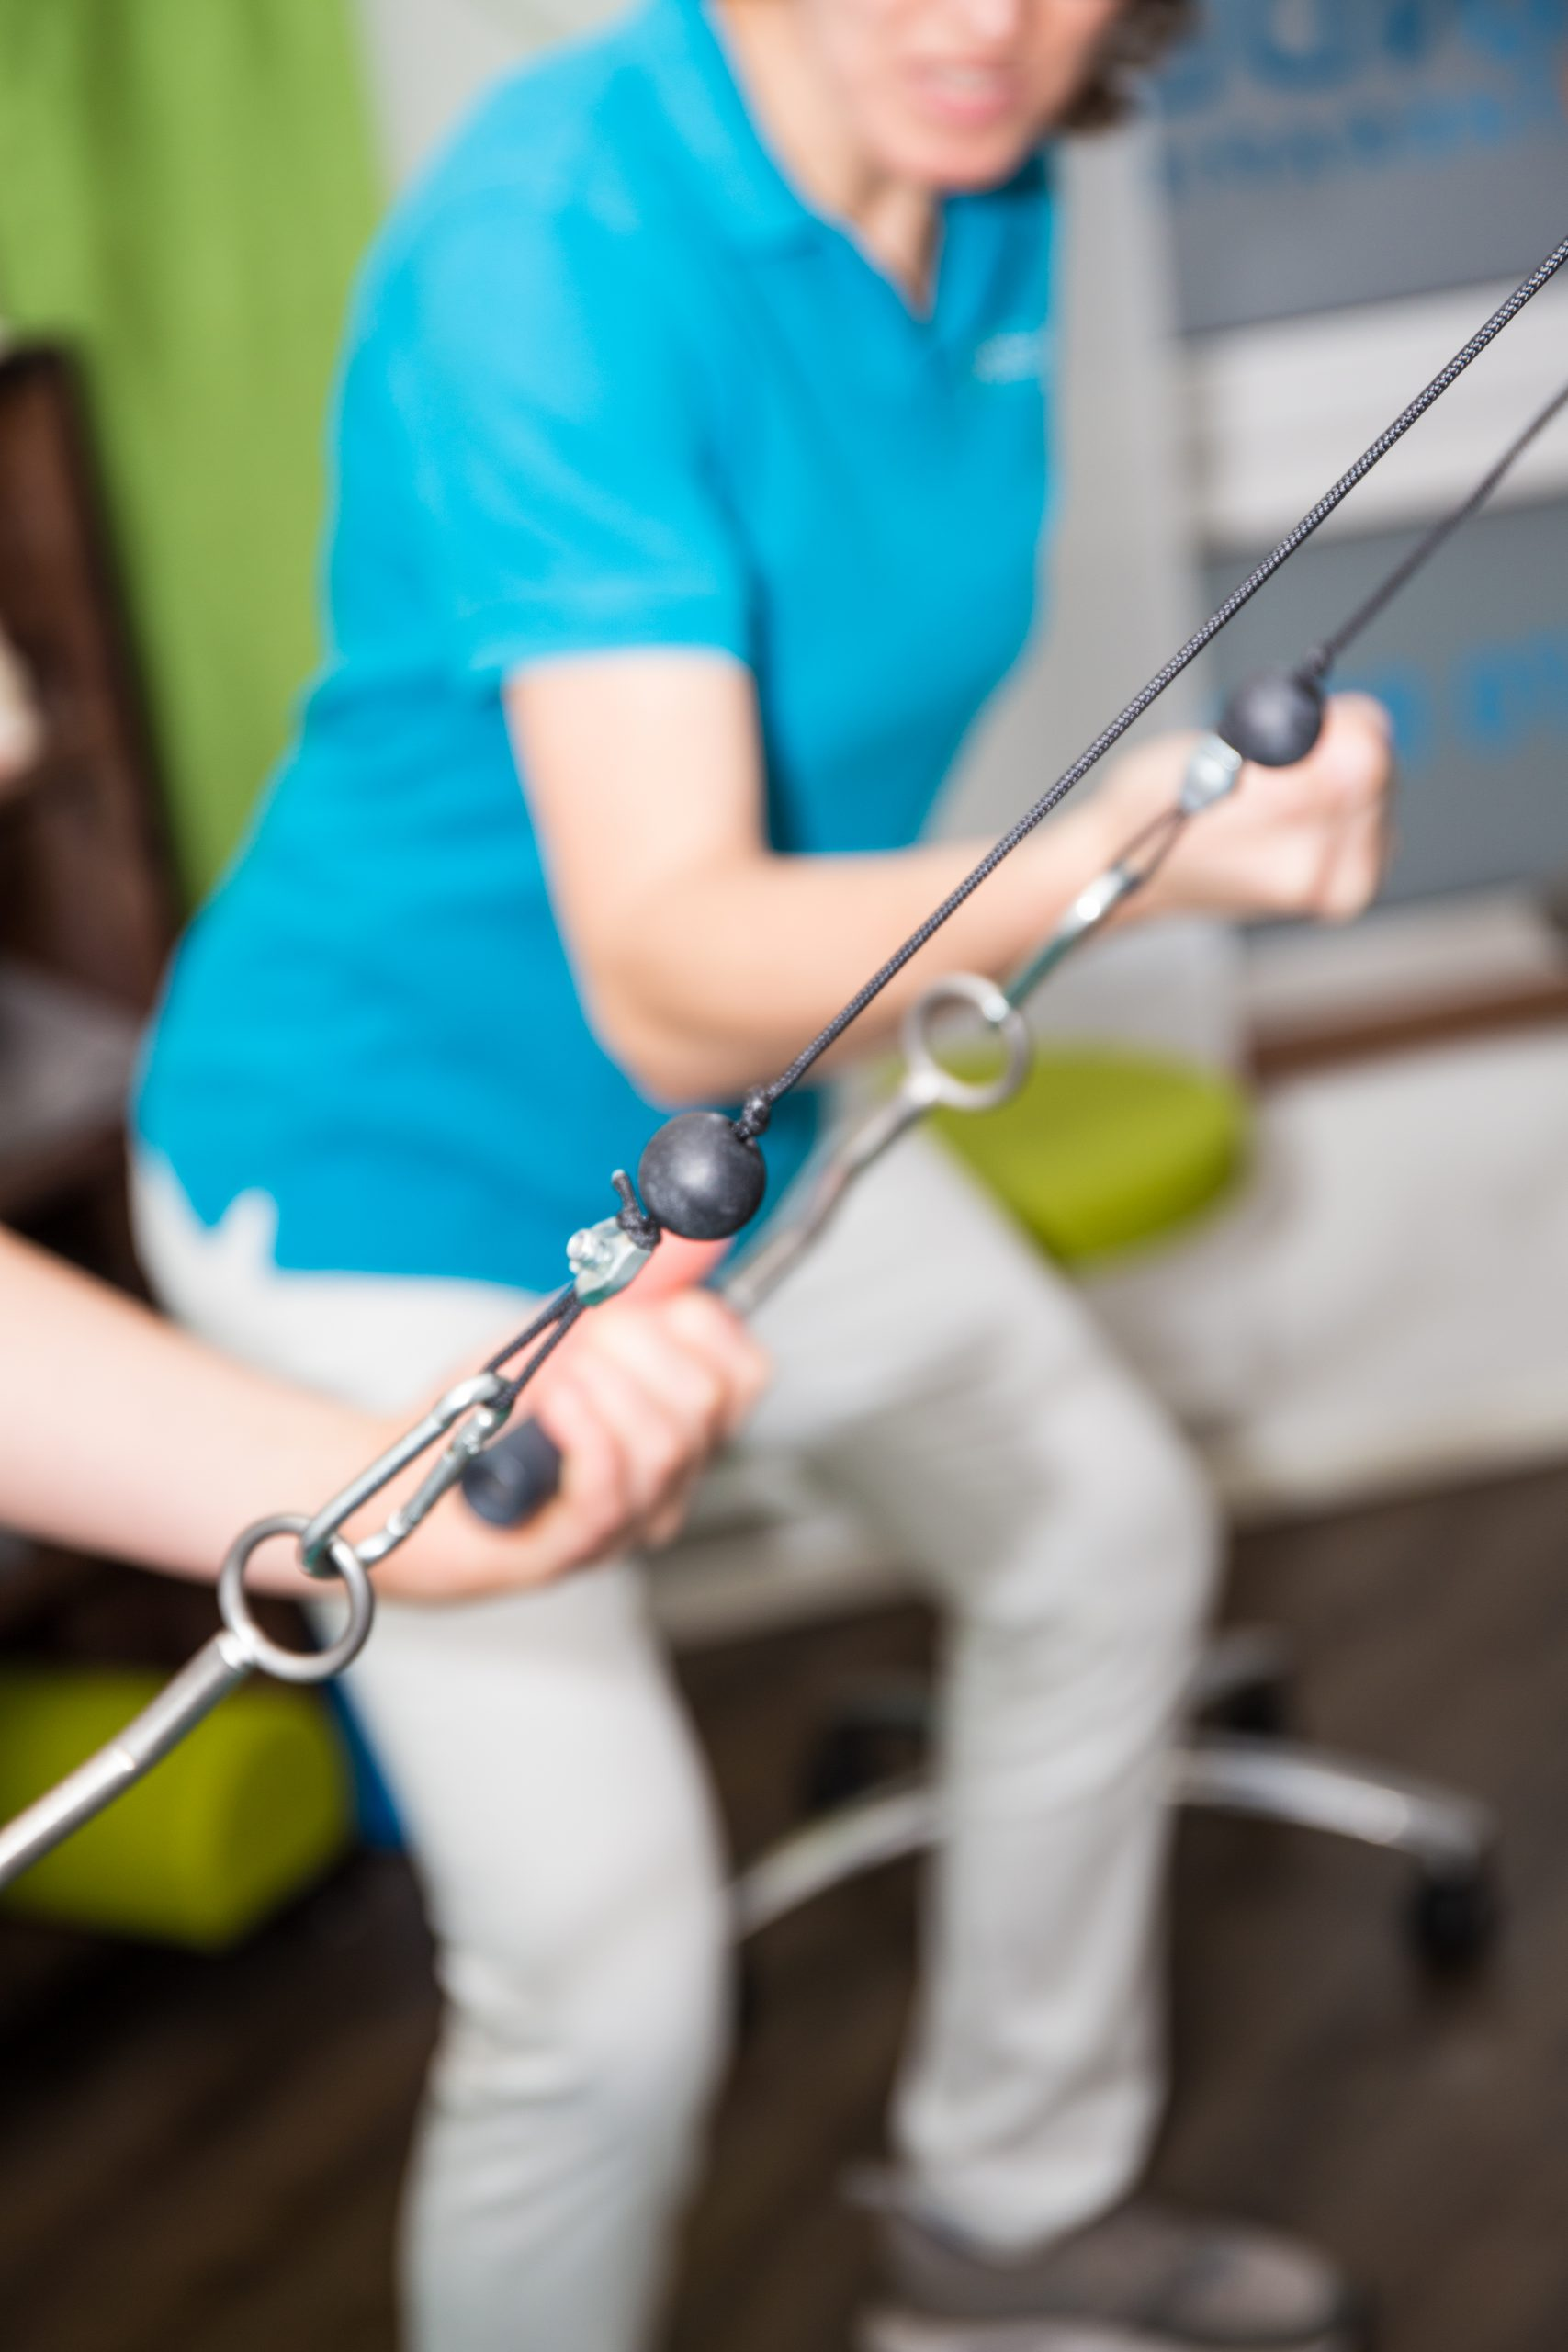 Allgemeine Krankengymnastik - Muskelaufbau mit Seilzug